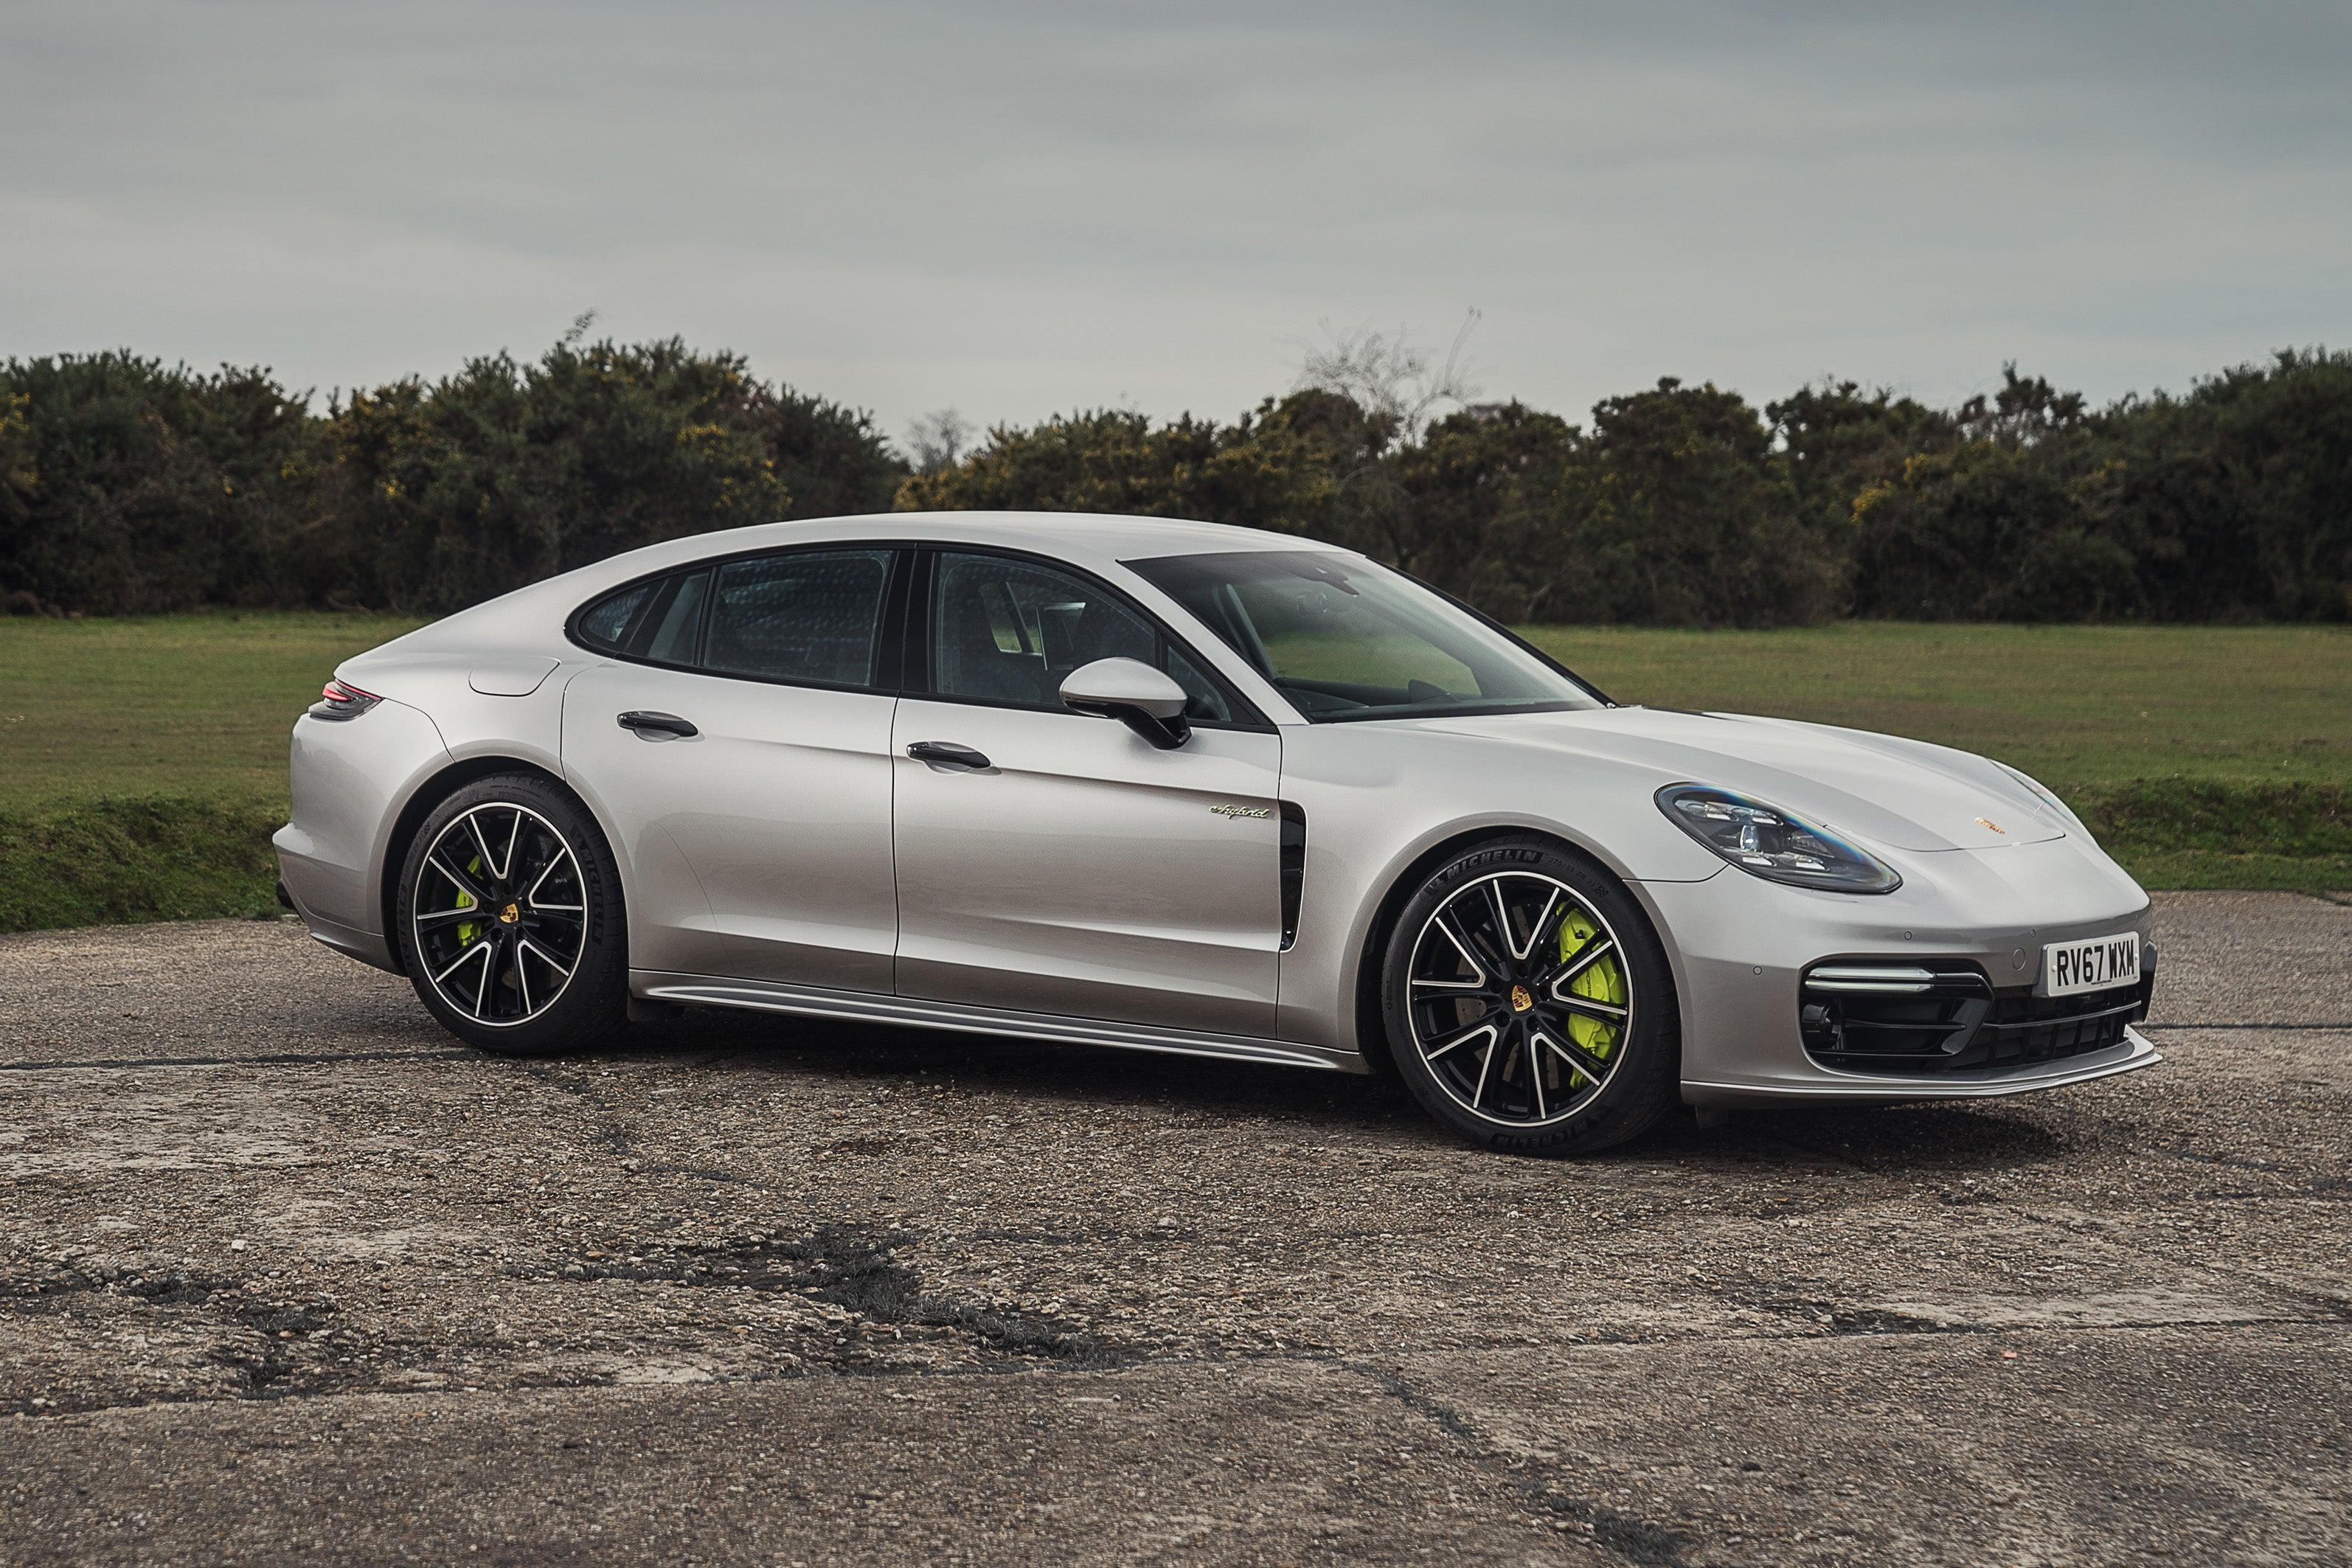 Porsche Panamera Right Side View